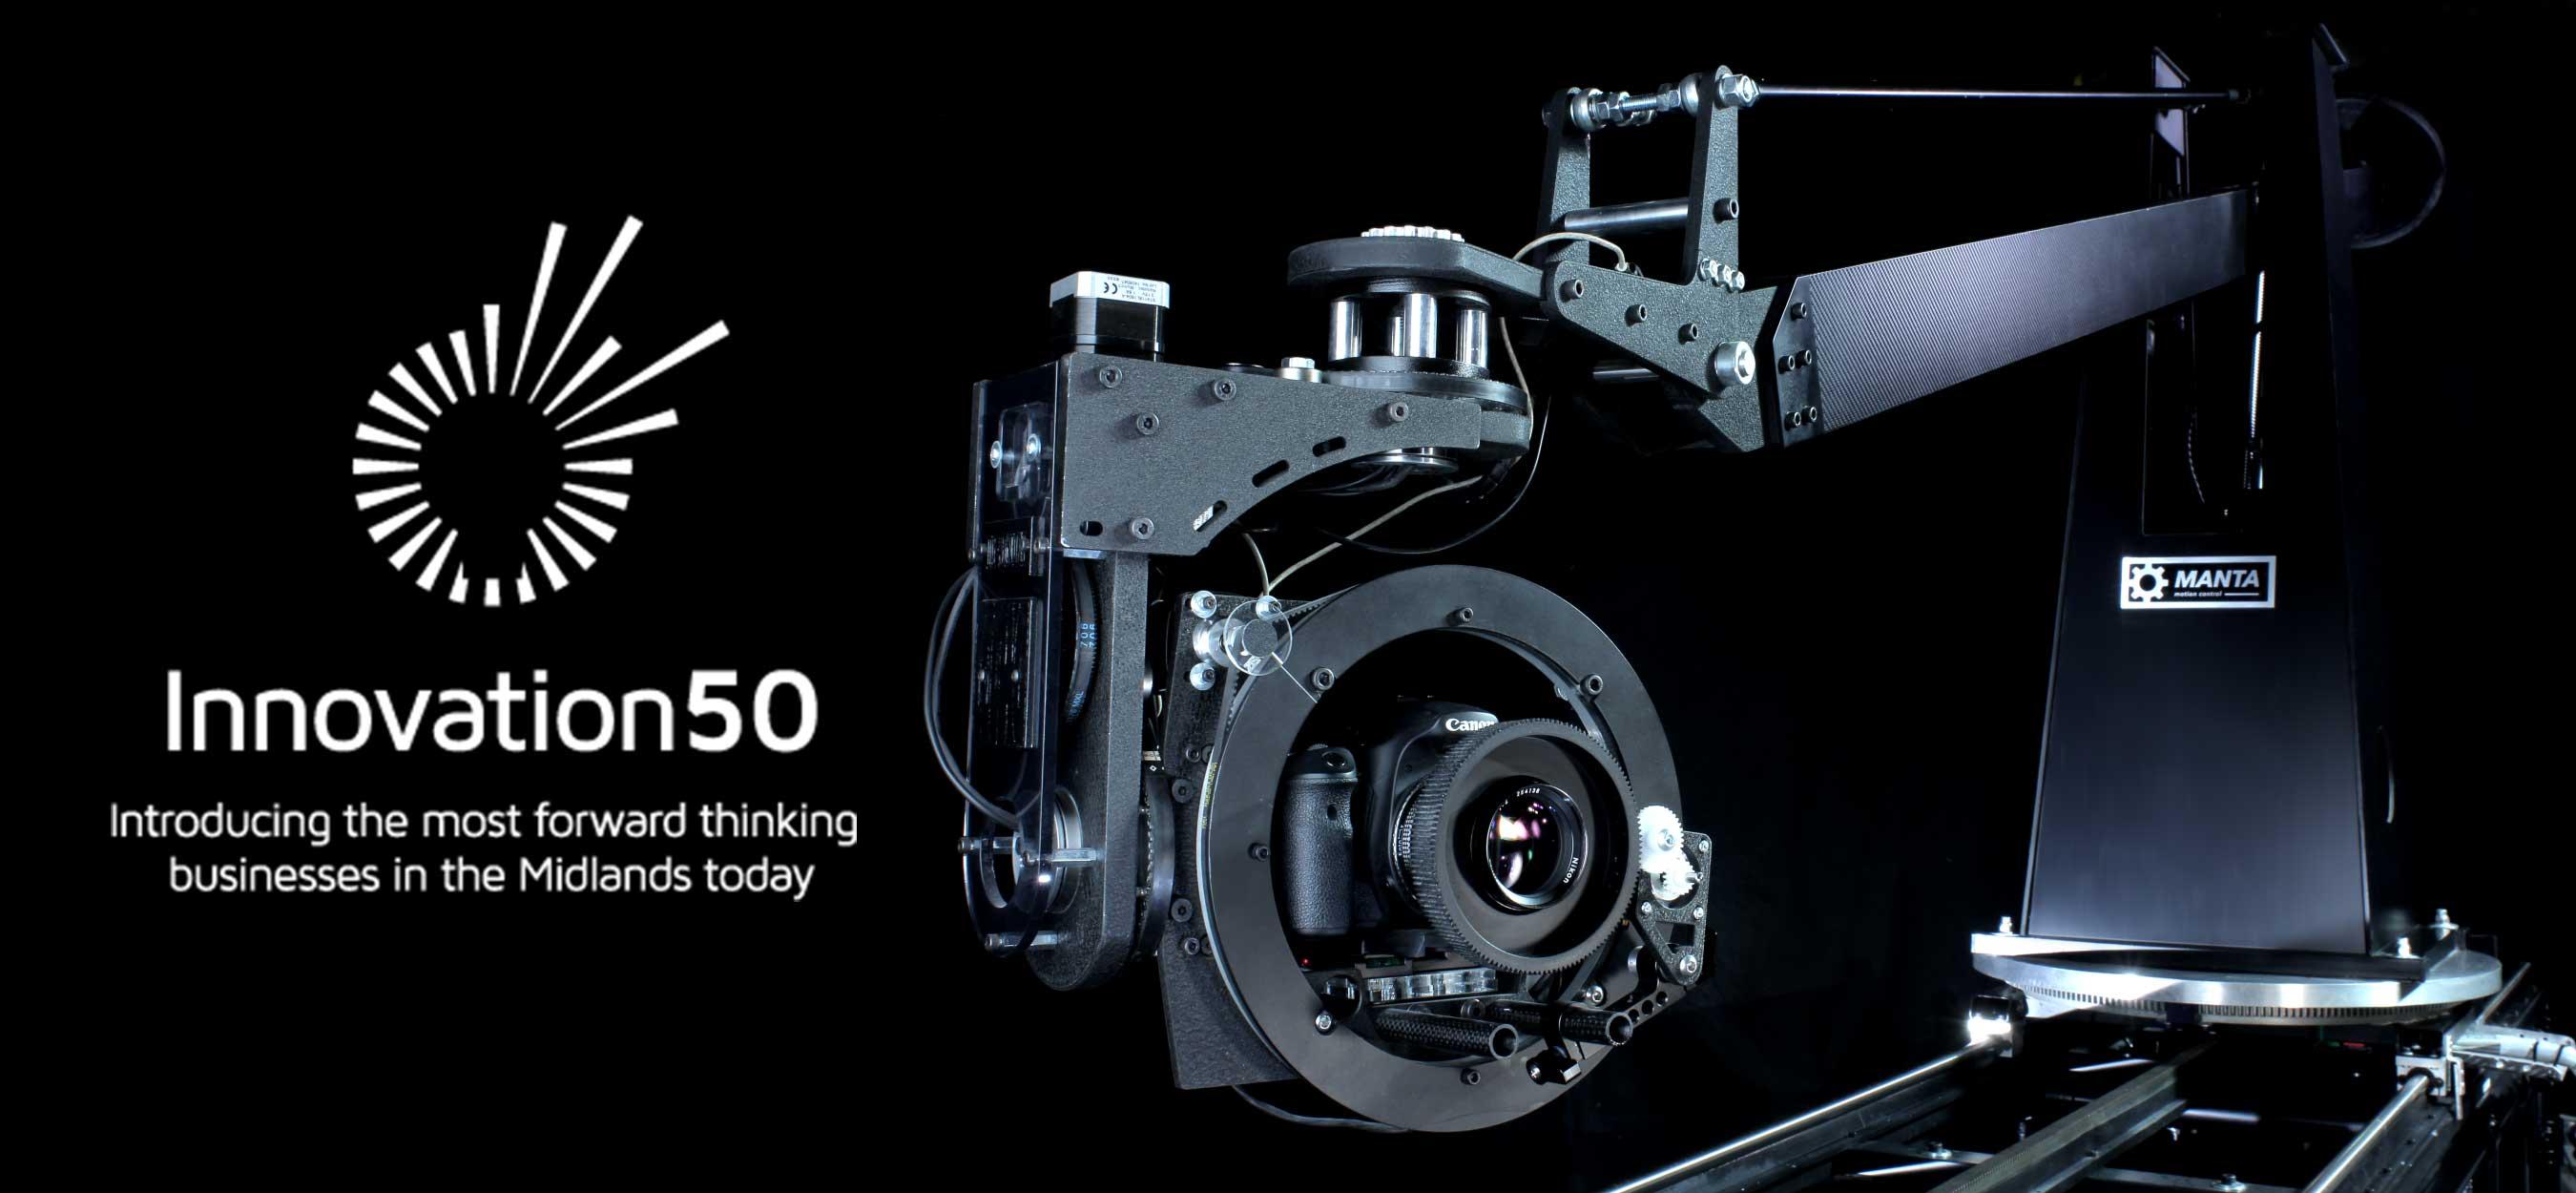 Manta Motion Control Rig - Innovation 50